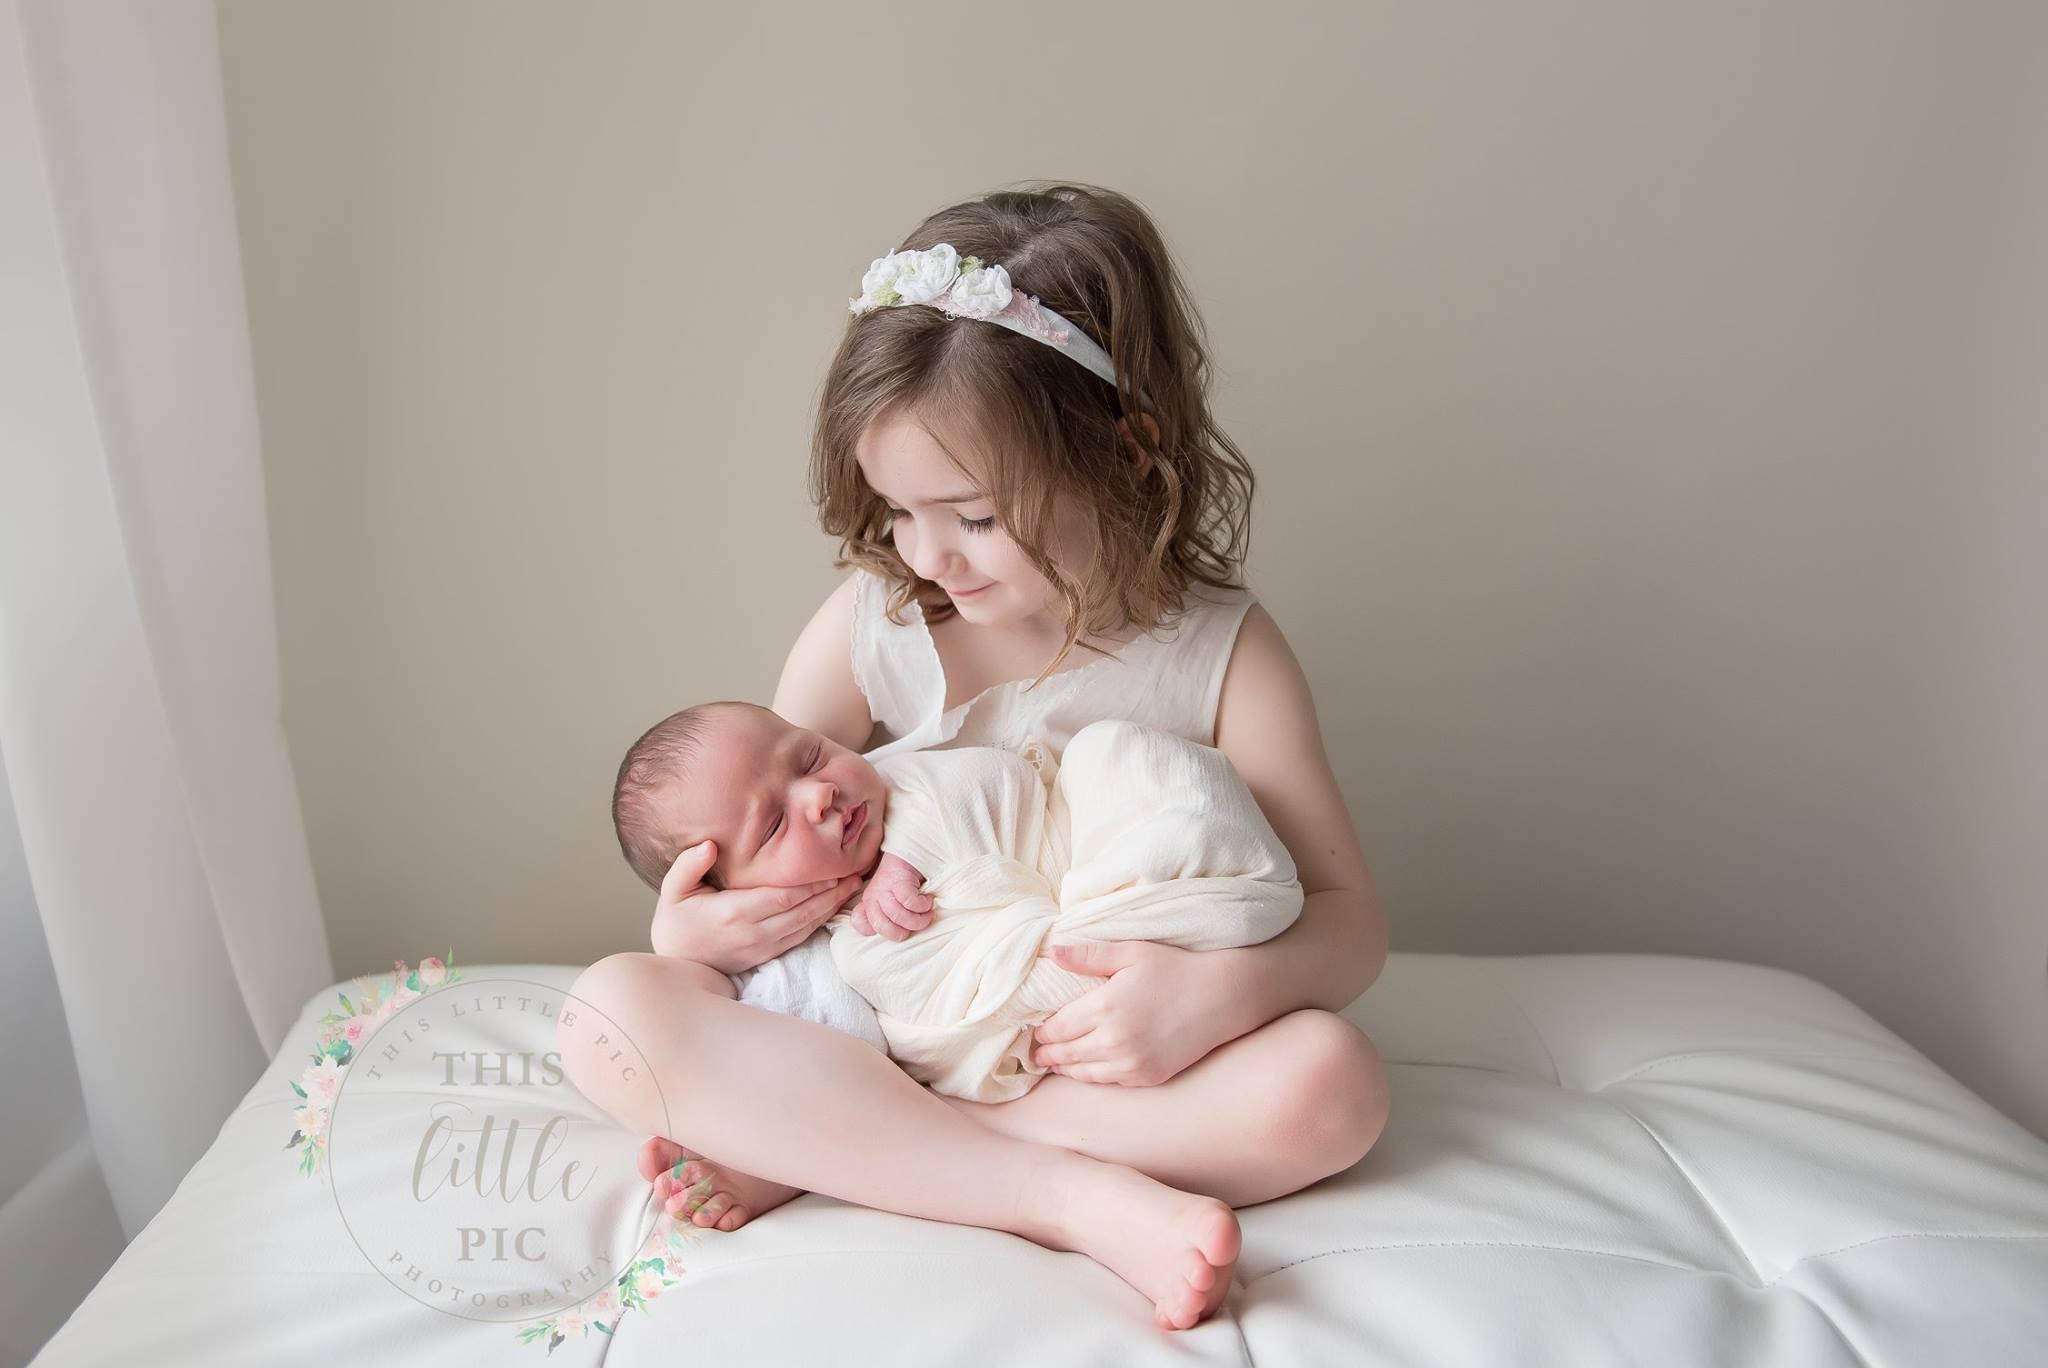 seattle newborn photographer bellevue newborn photographer newborn session siblings and newborn